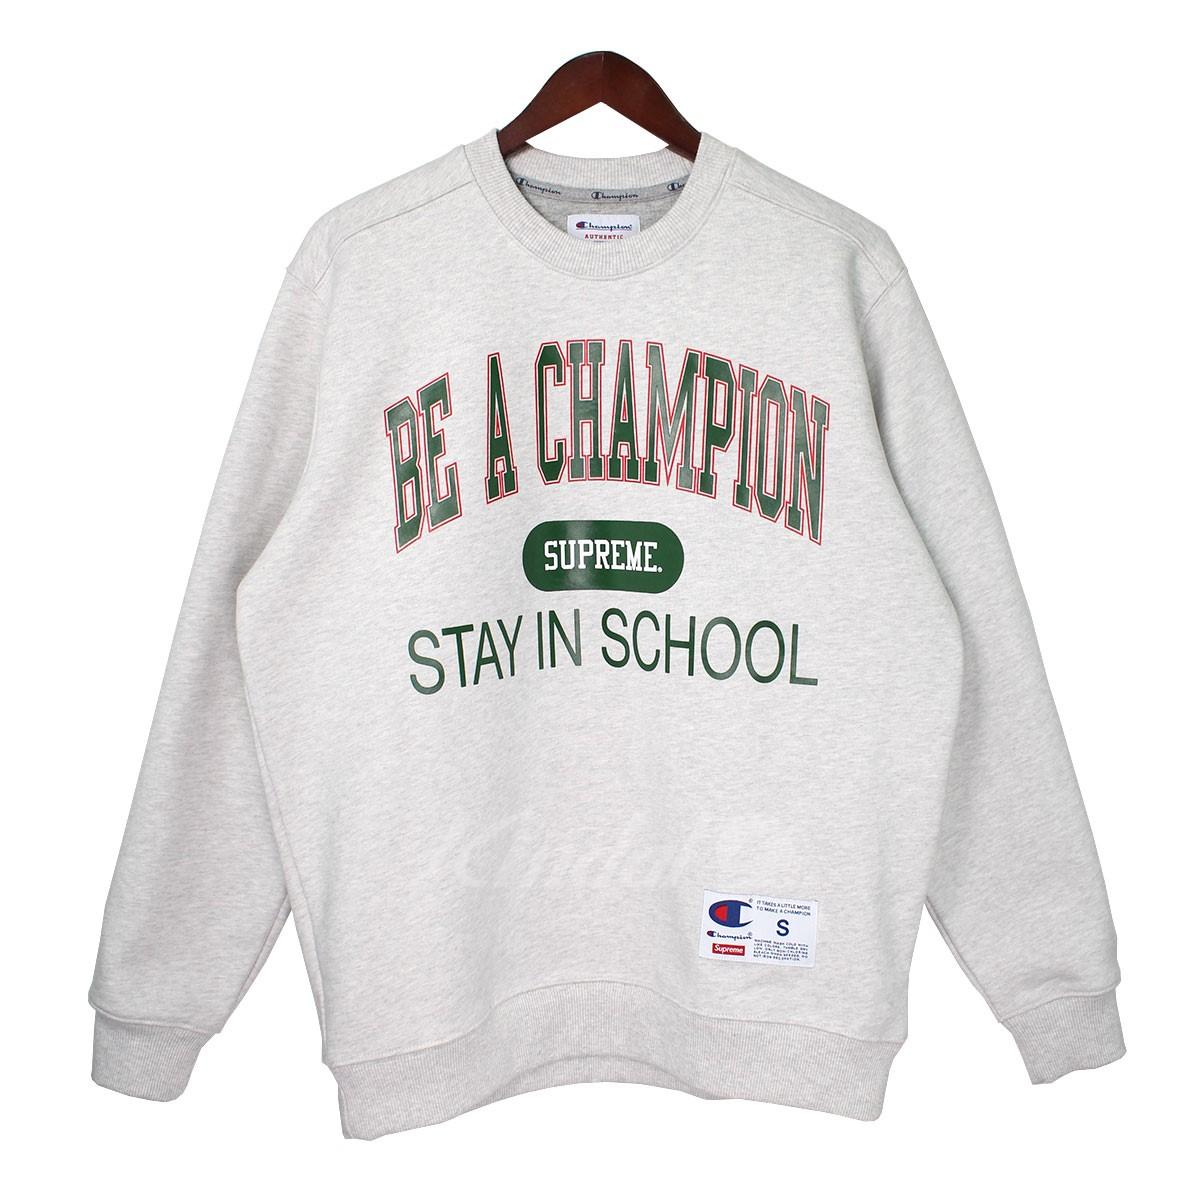 【中古】Supreme×Champion 18SS Stay In School Crewneck Sweatshirt ロゴスウェット 【送料無料】 【001170】 【KIND1550】